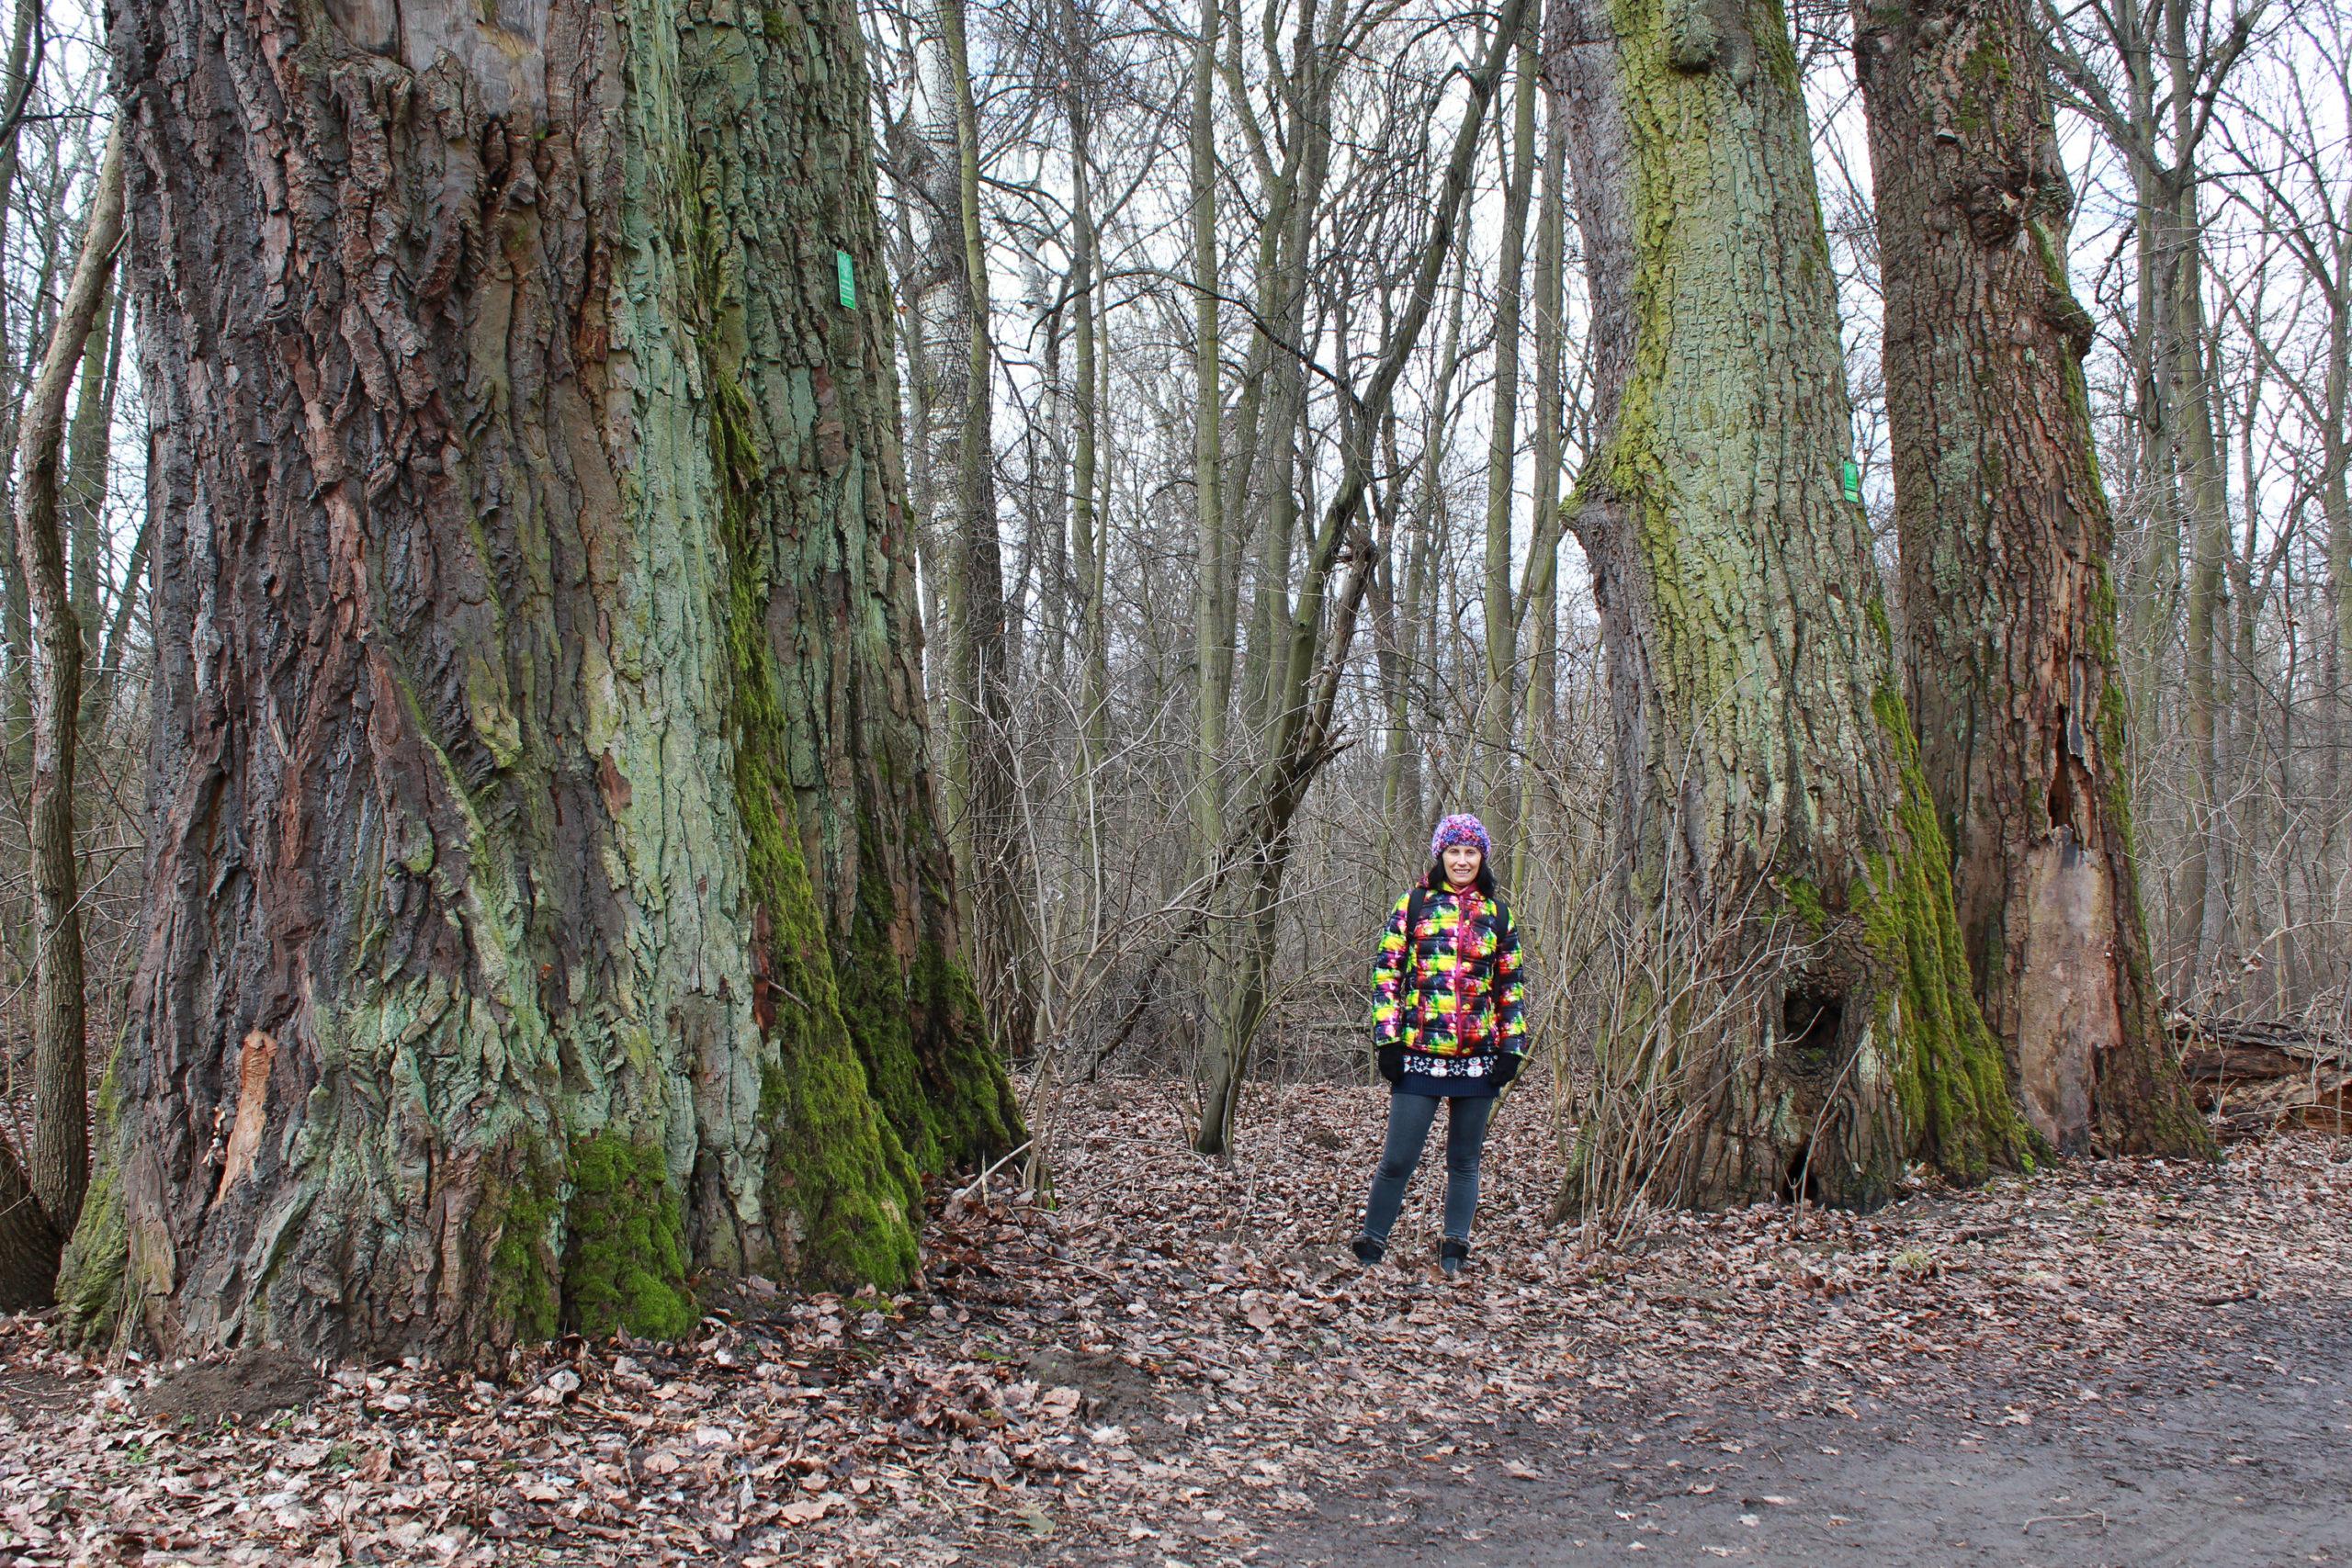 Violetta przy ogromnych drzewach